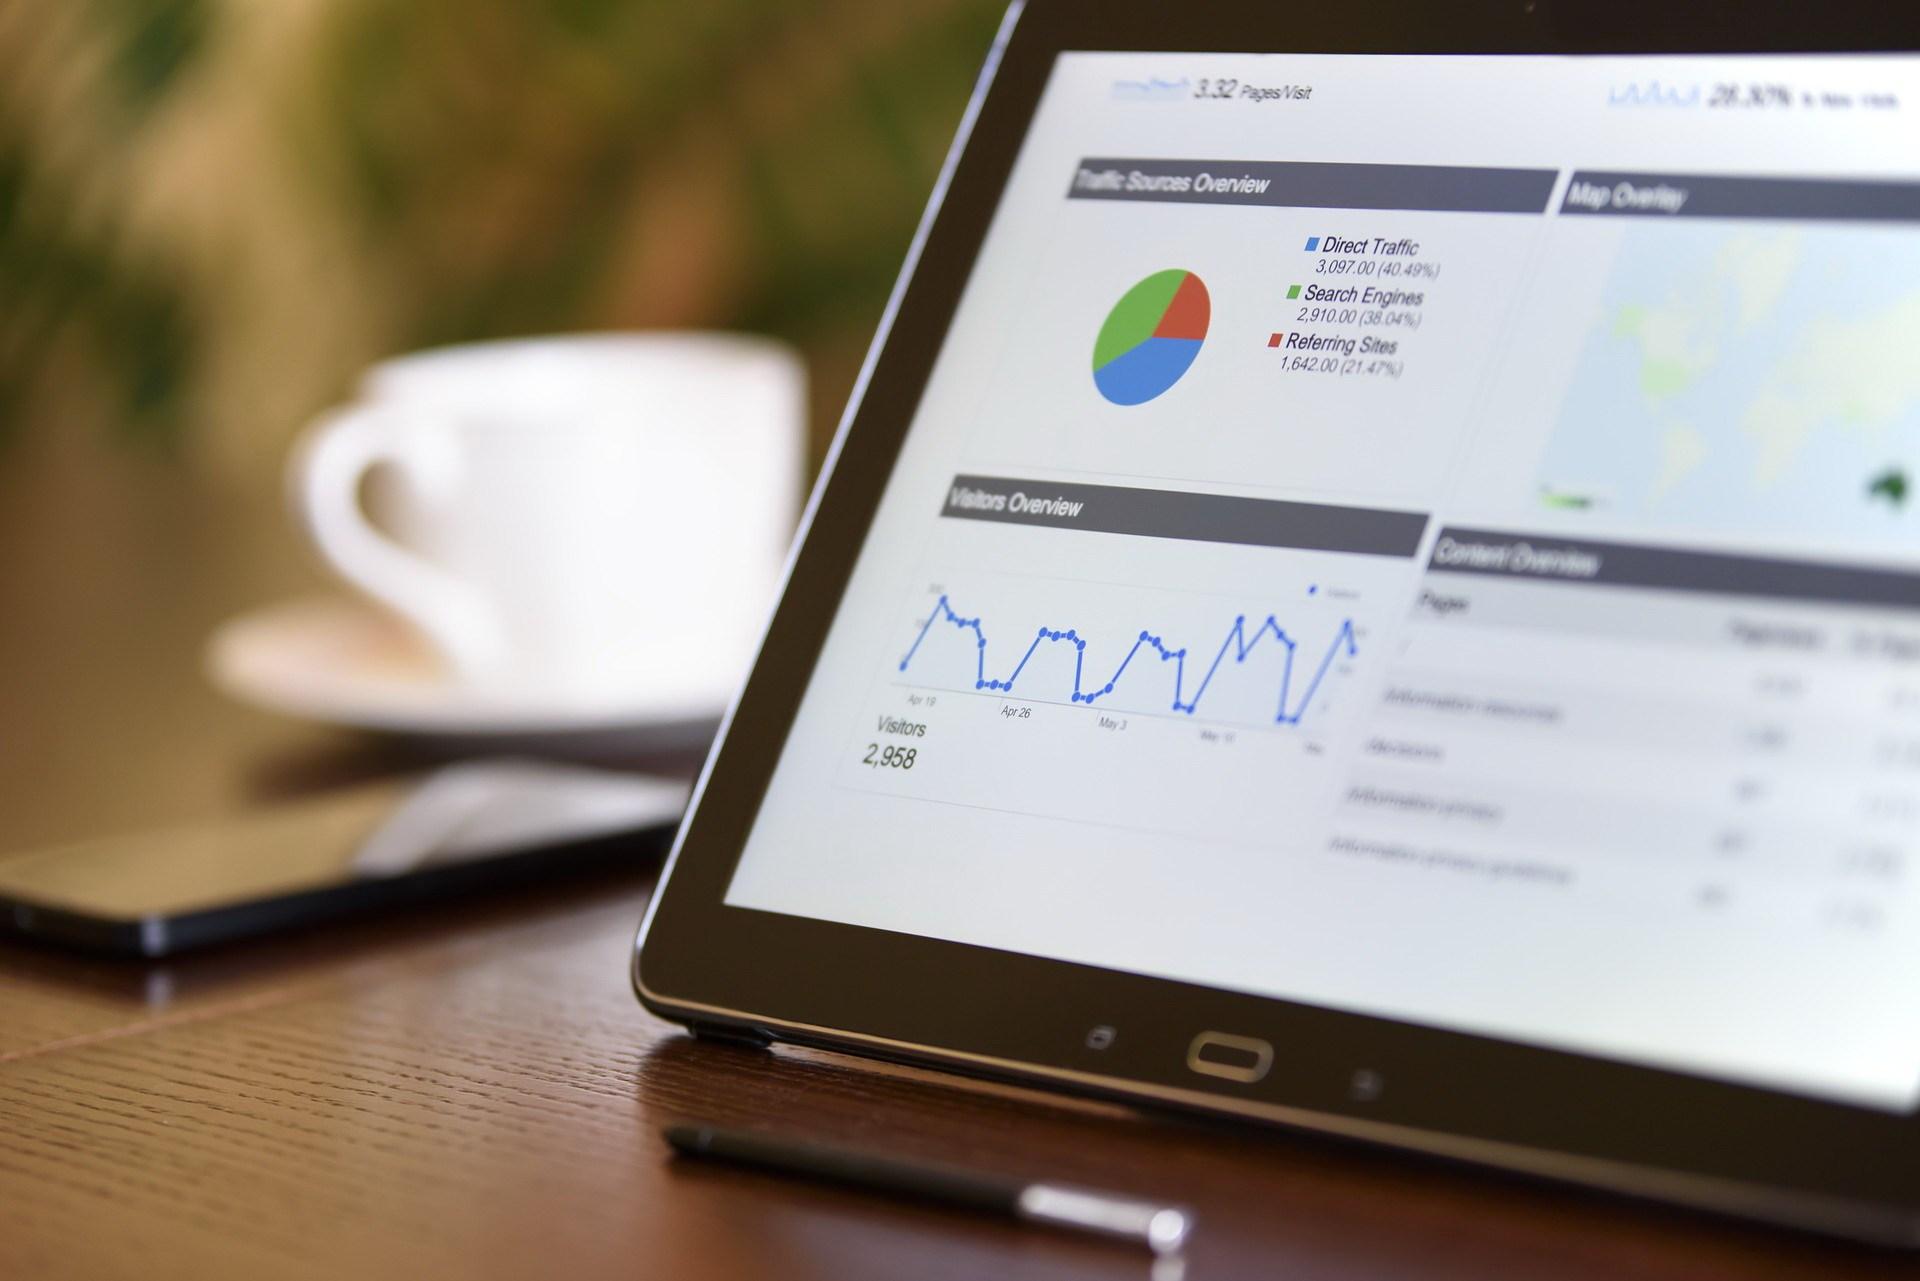 Ingin Tahu Cara Memperoleh Uang Dari Internet? Inilah Tipsnya